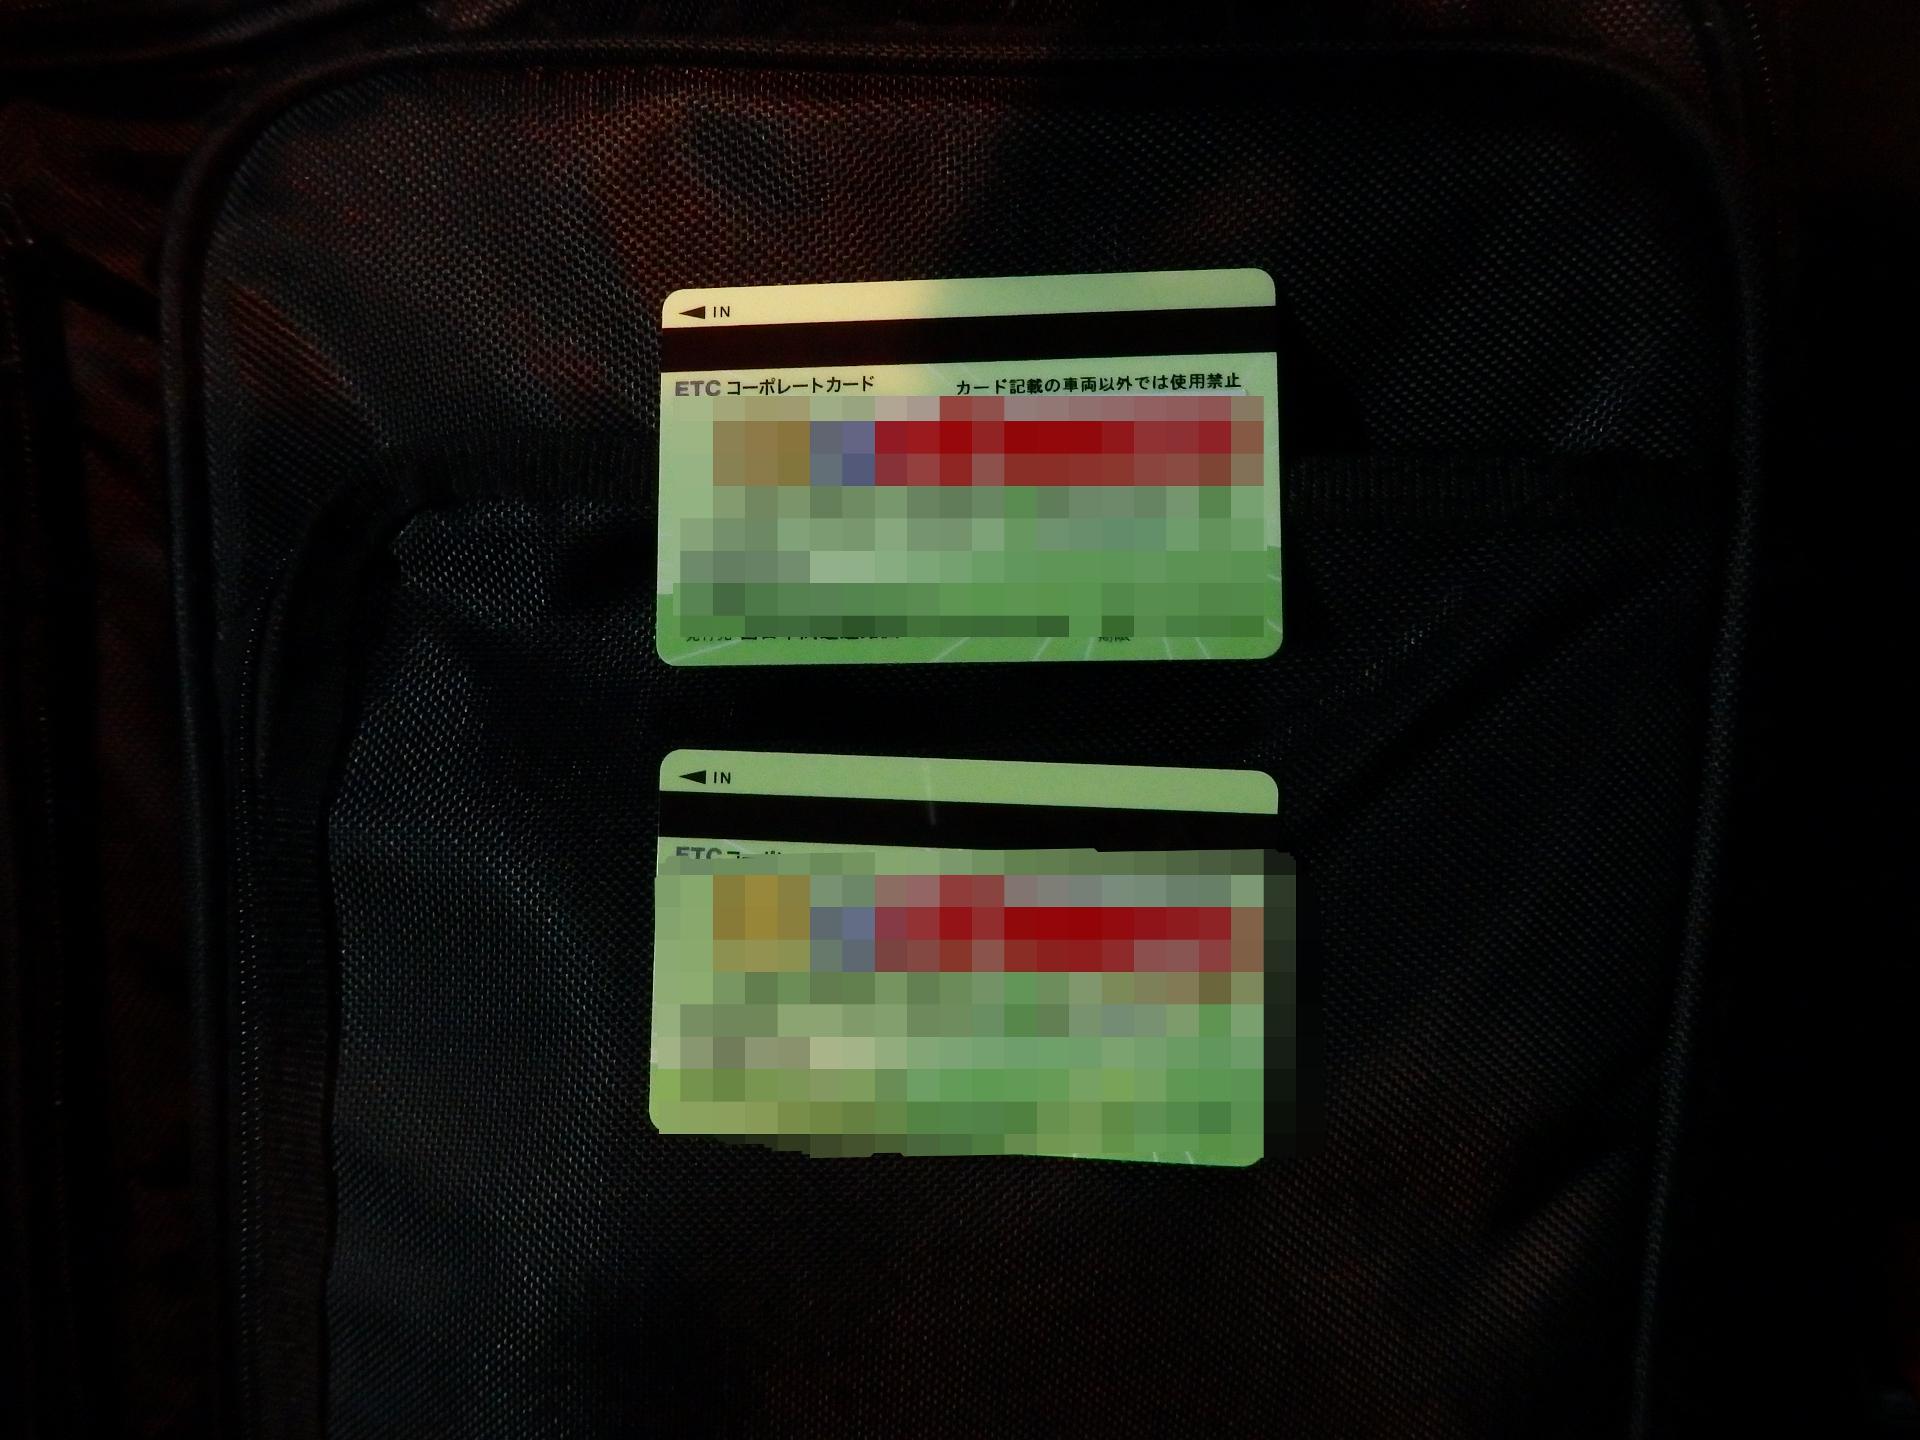 プリウス用の新しいETCカード(上)です。